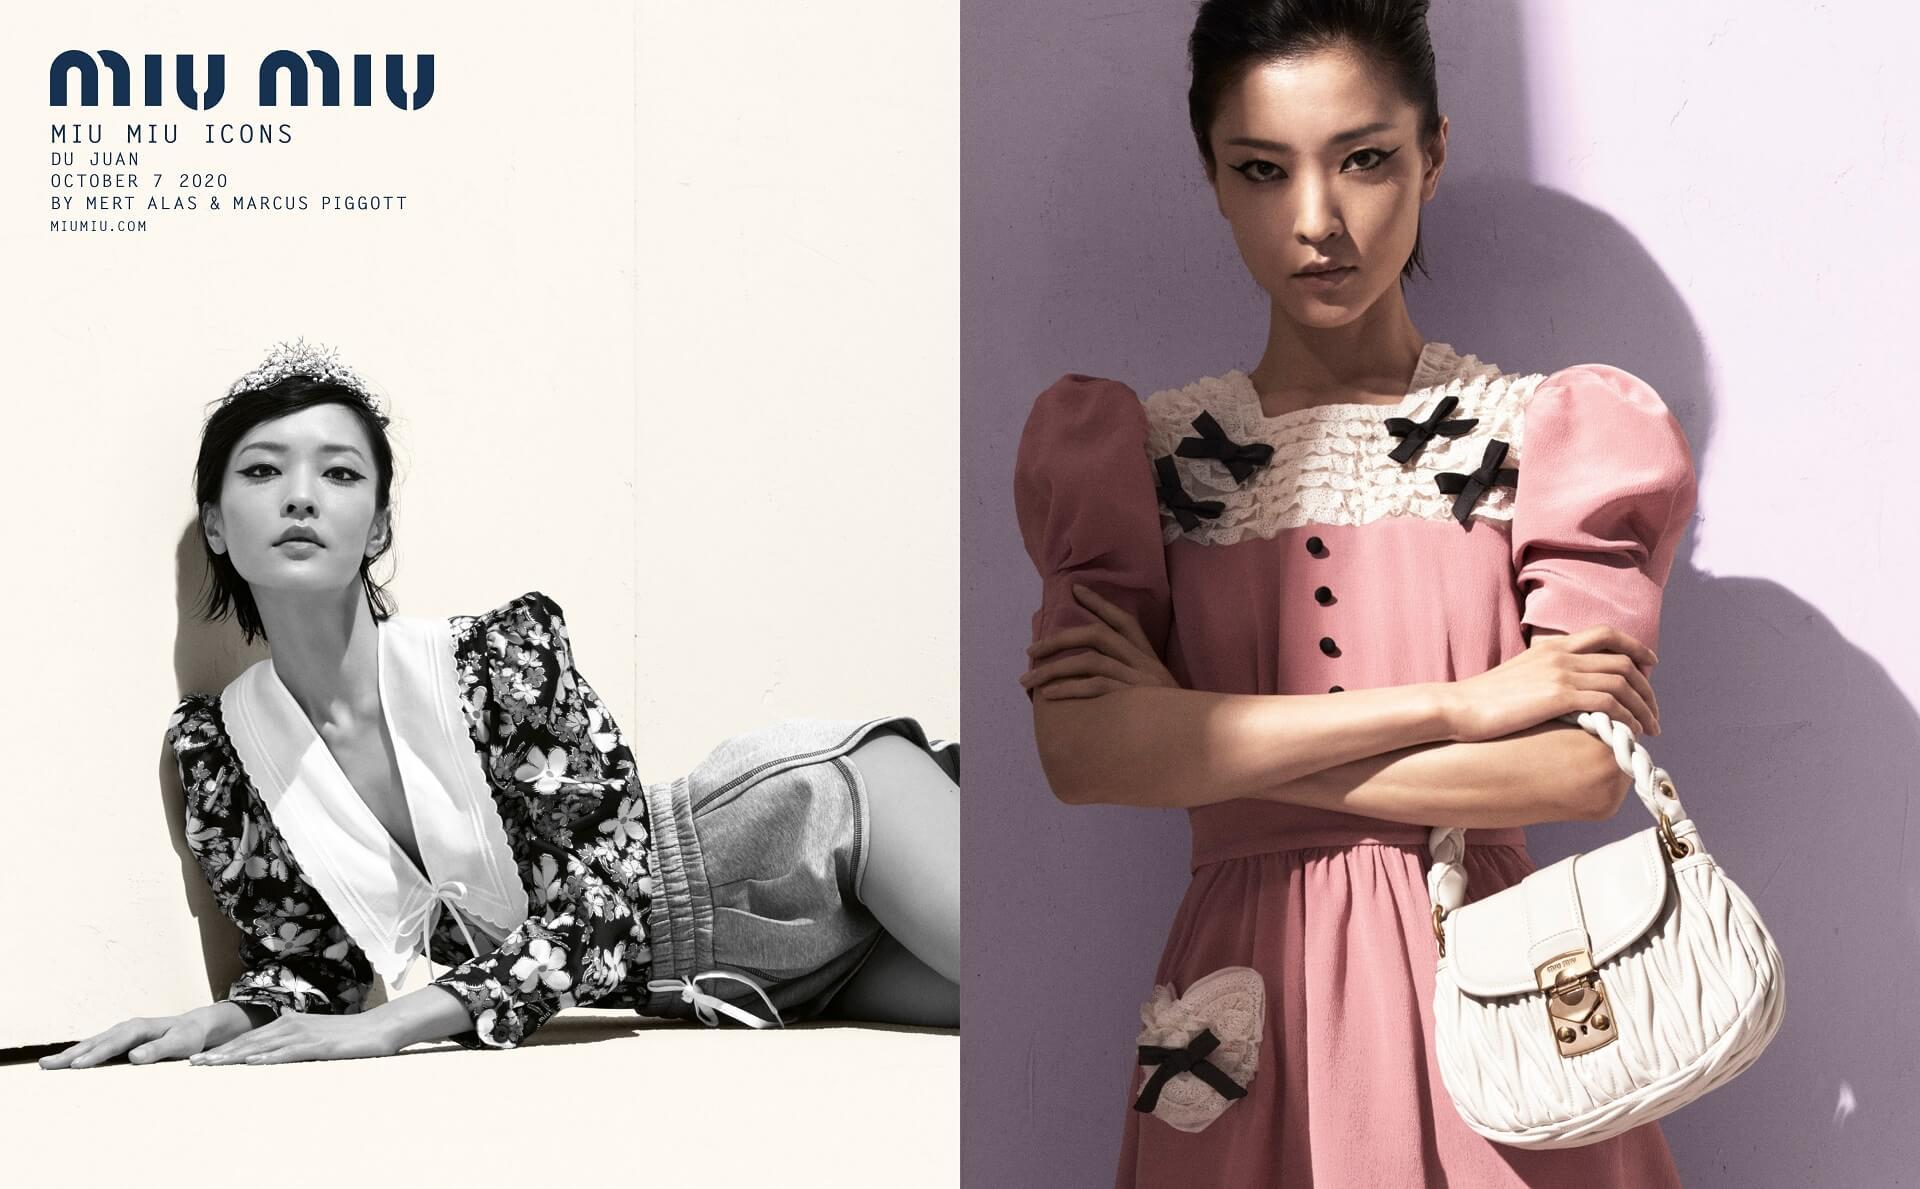 Эмма Коррин, Ким Бейсингер и Хлоя Севиньи снялись для «иконической» кампании Miu Miu-Фото 3